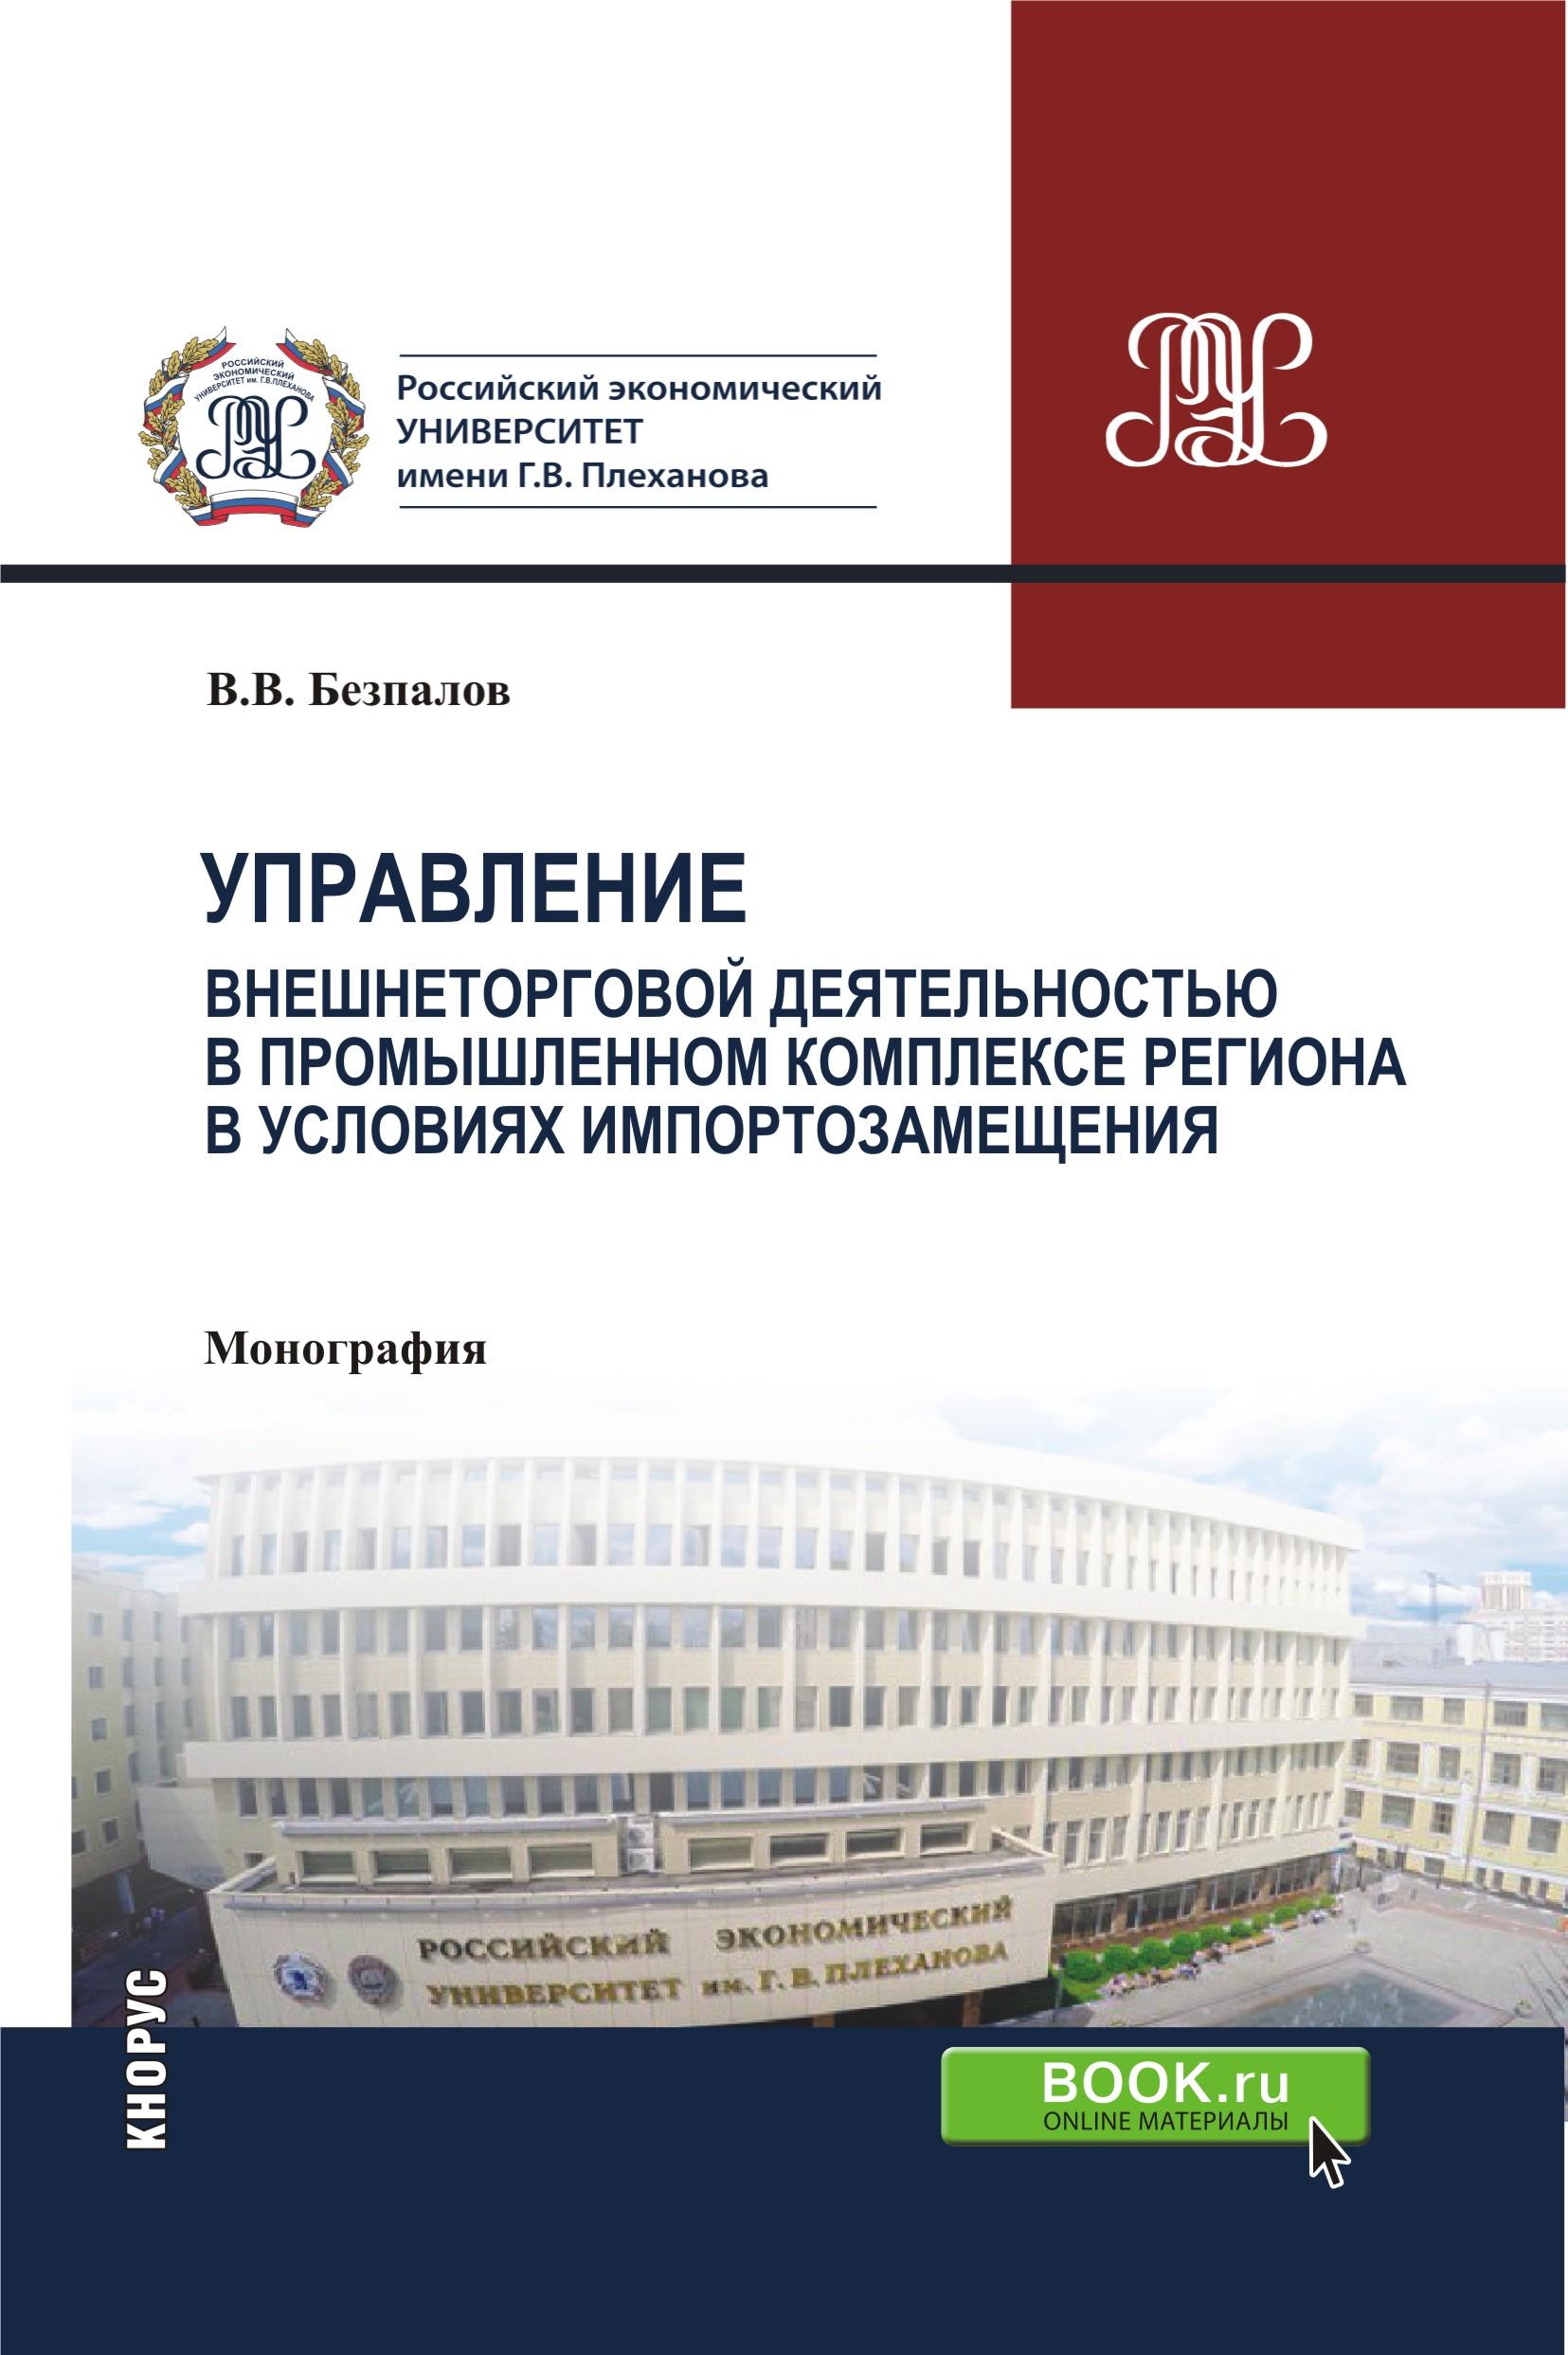 Управление внешнеторговой деятельностью в промышленном комплексе региона в условиях импортозамещения (теория, методология, практика)